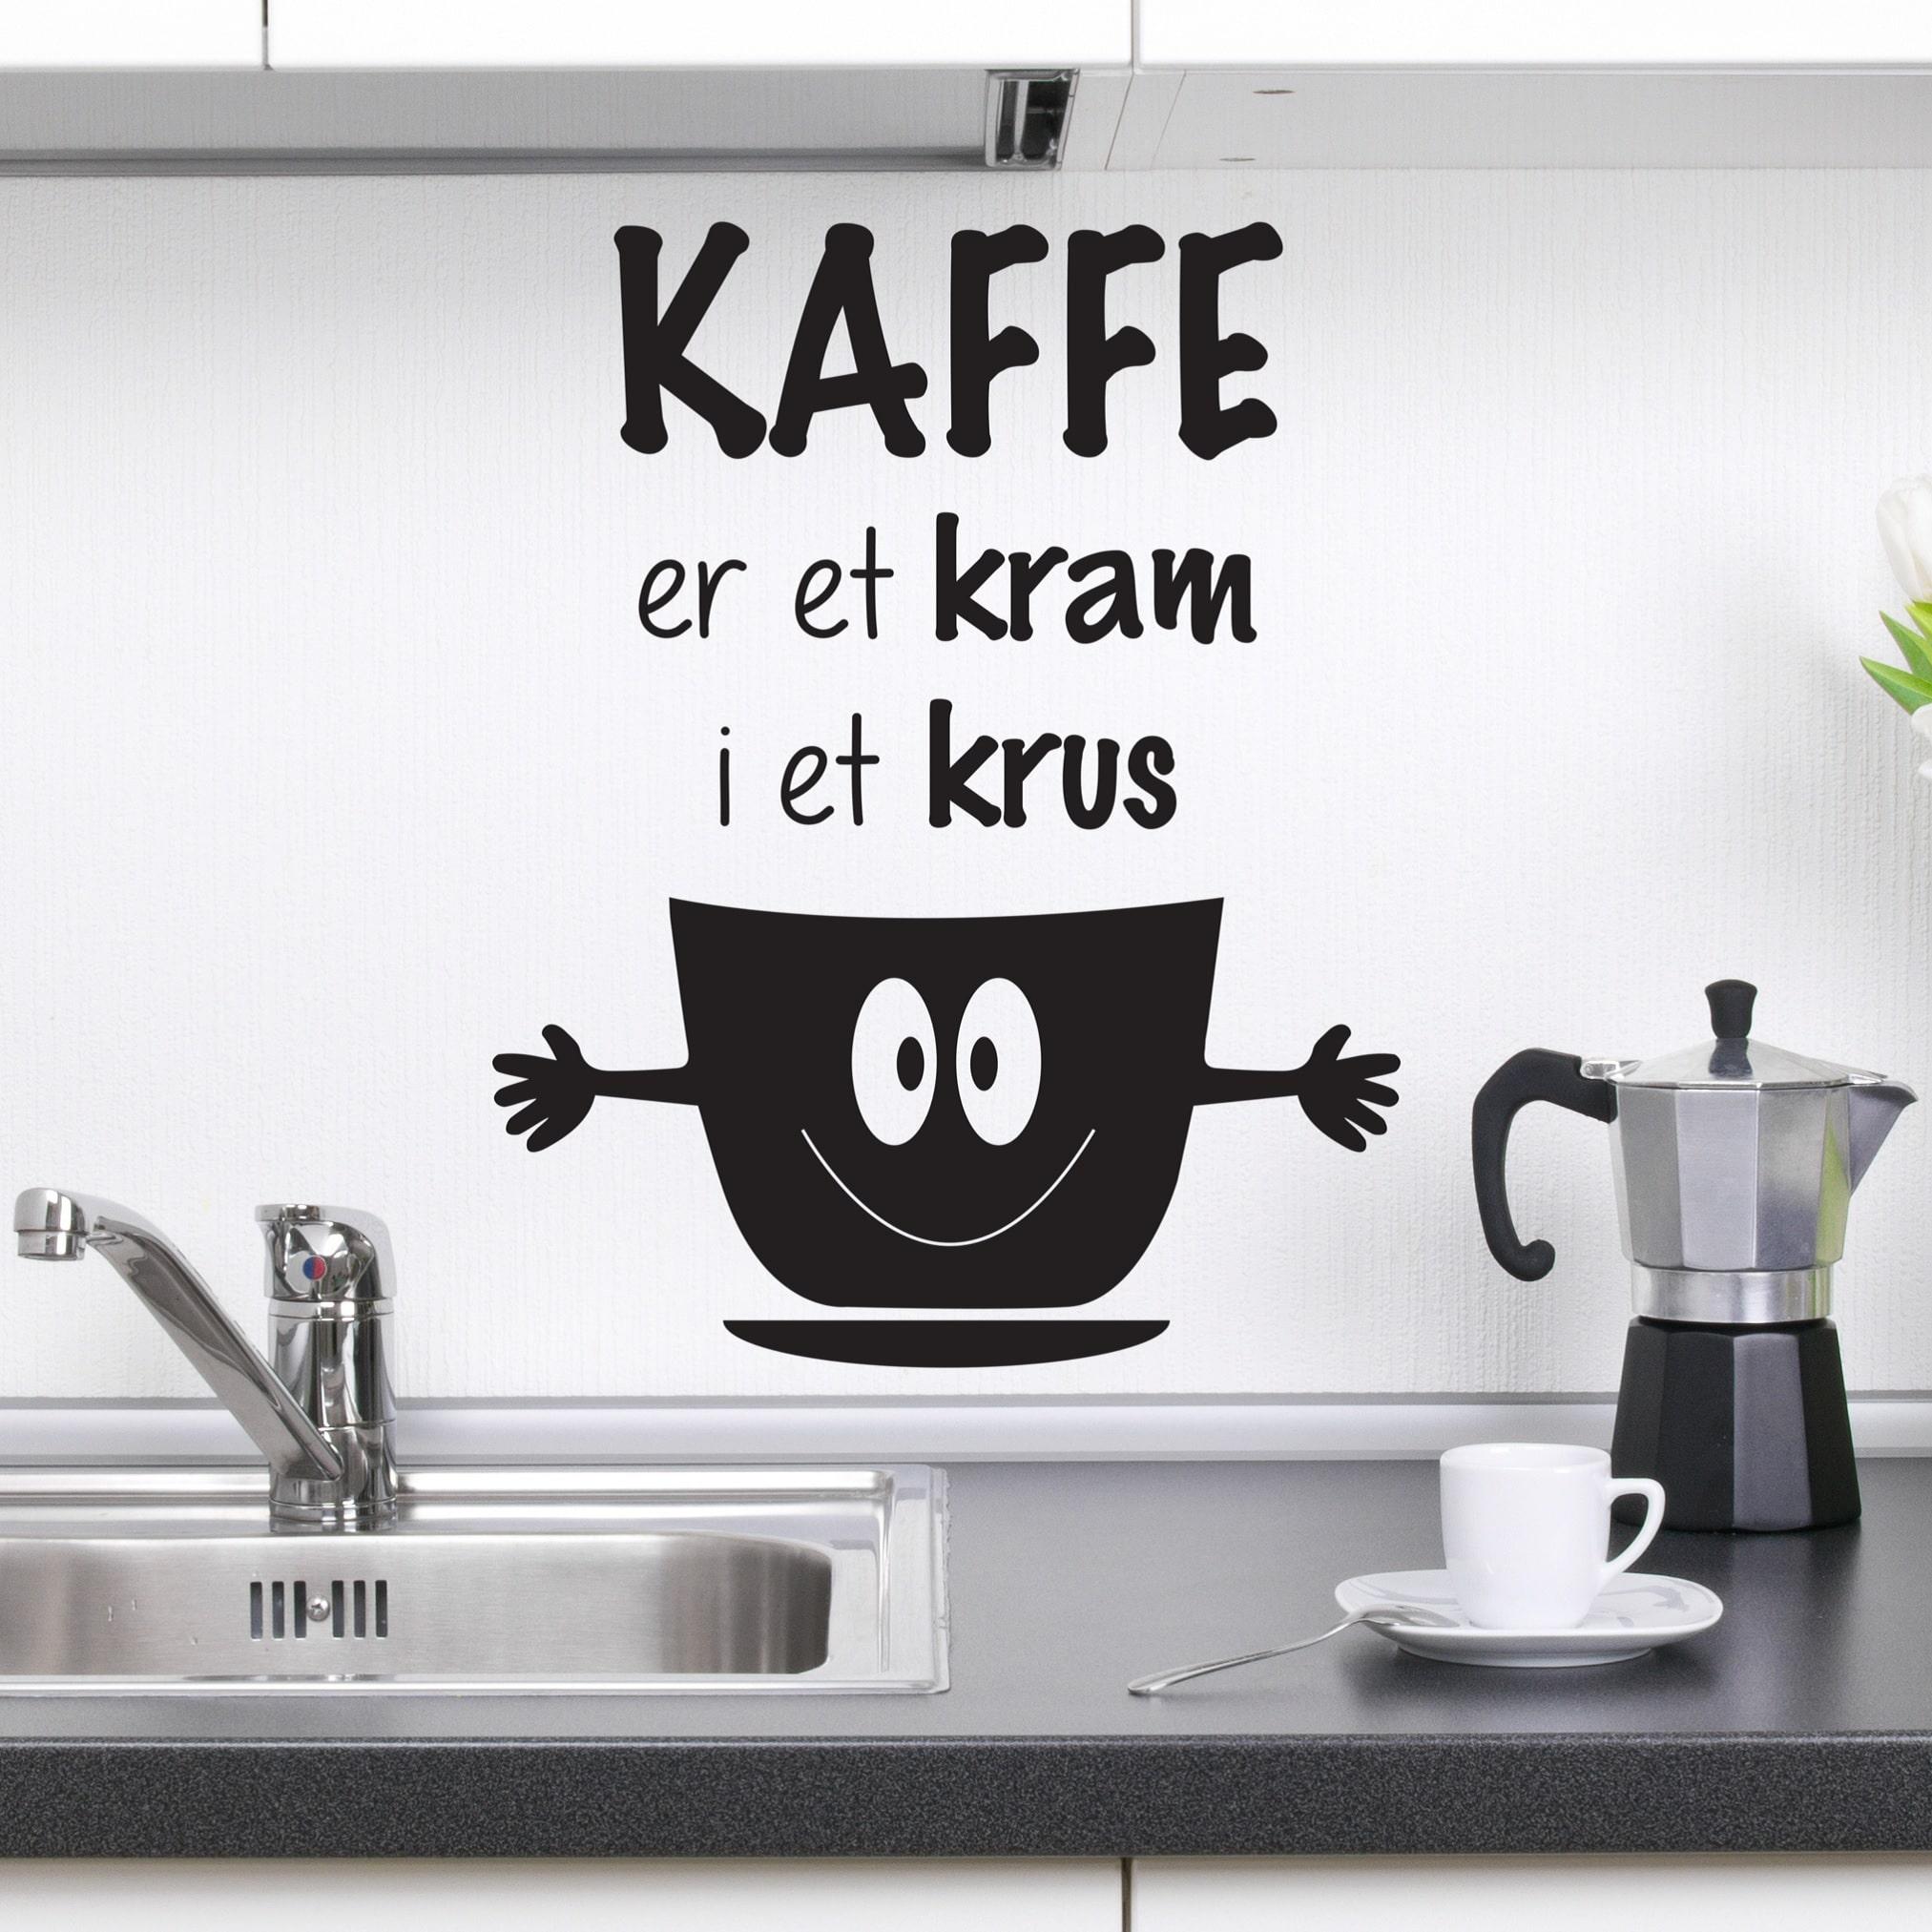 Wallsticker Kaffe er et kram i et krus